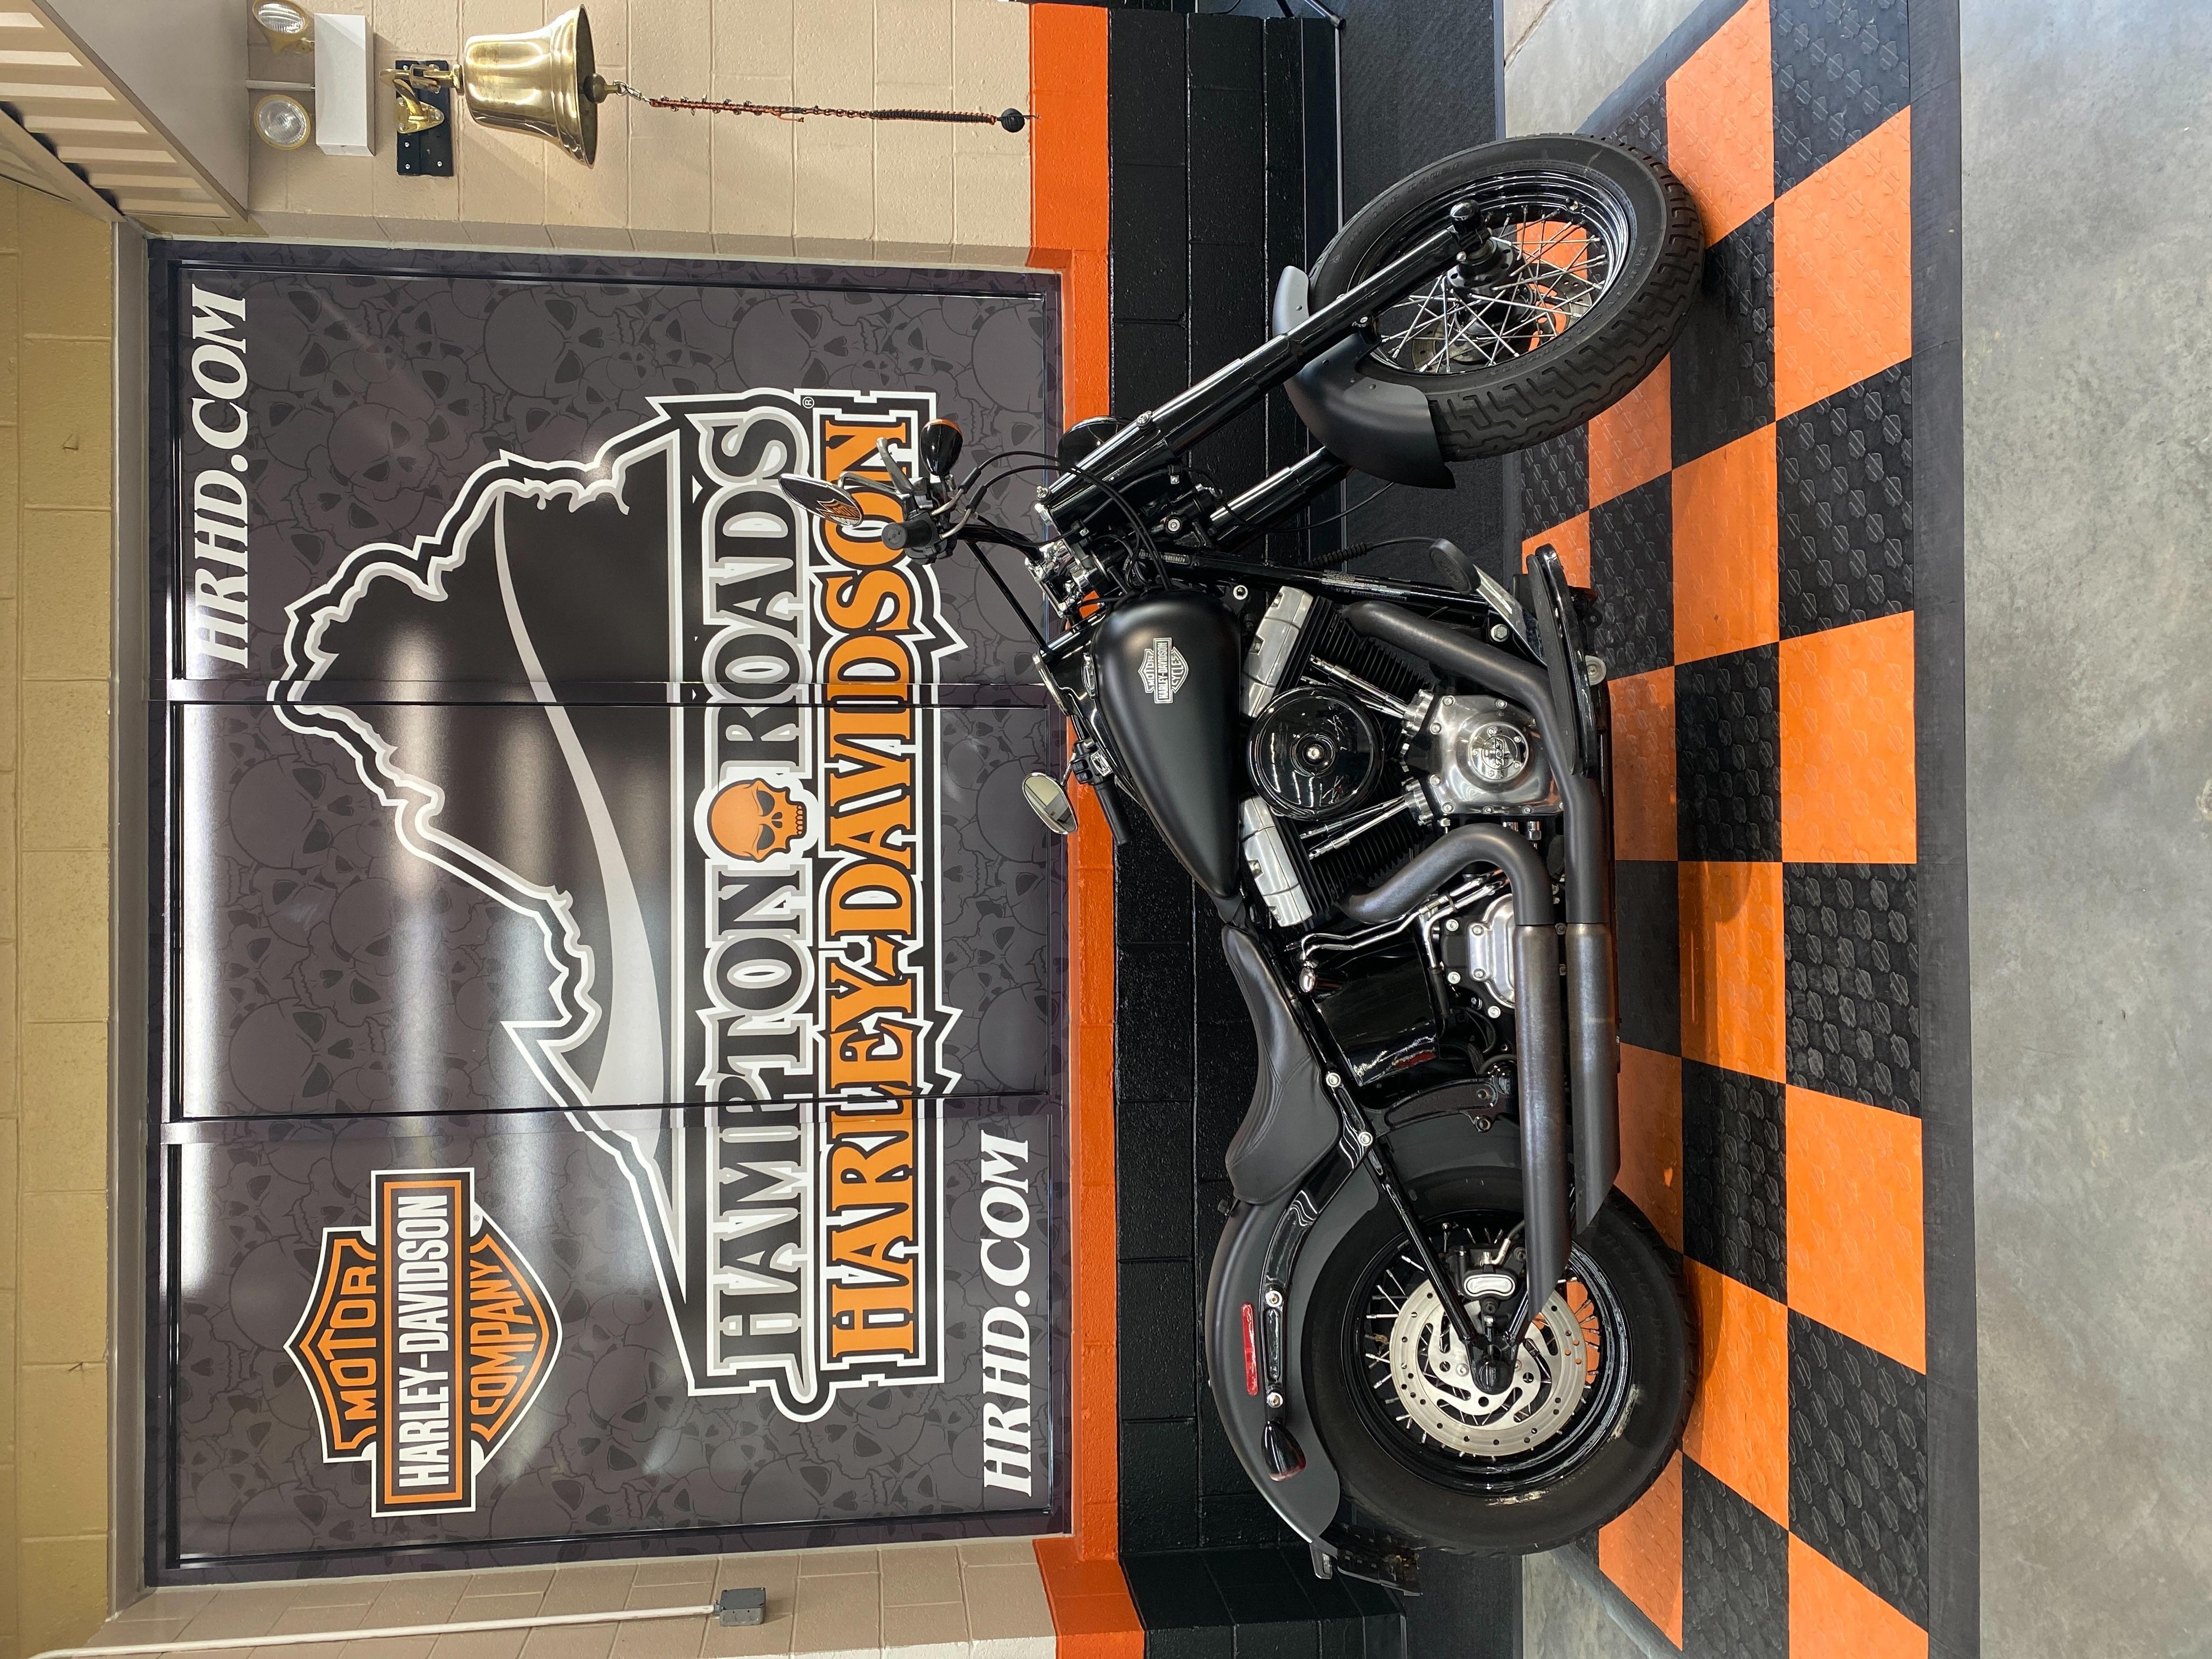 2012 Harley-Davidson Softail Slim at Hampton Roads Harley-Davidson